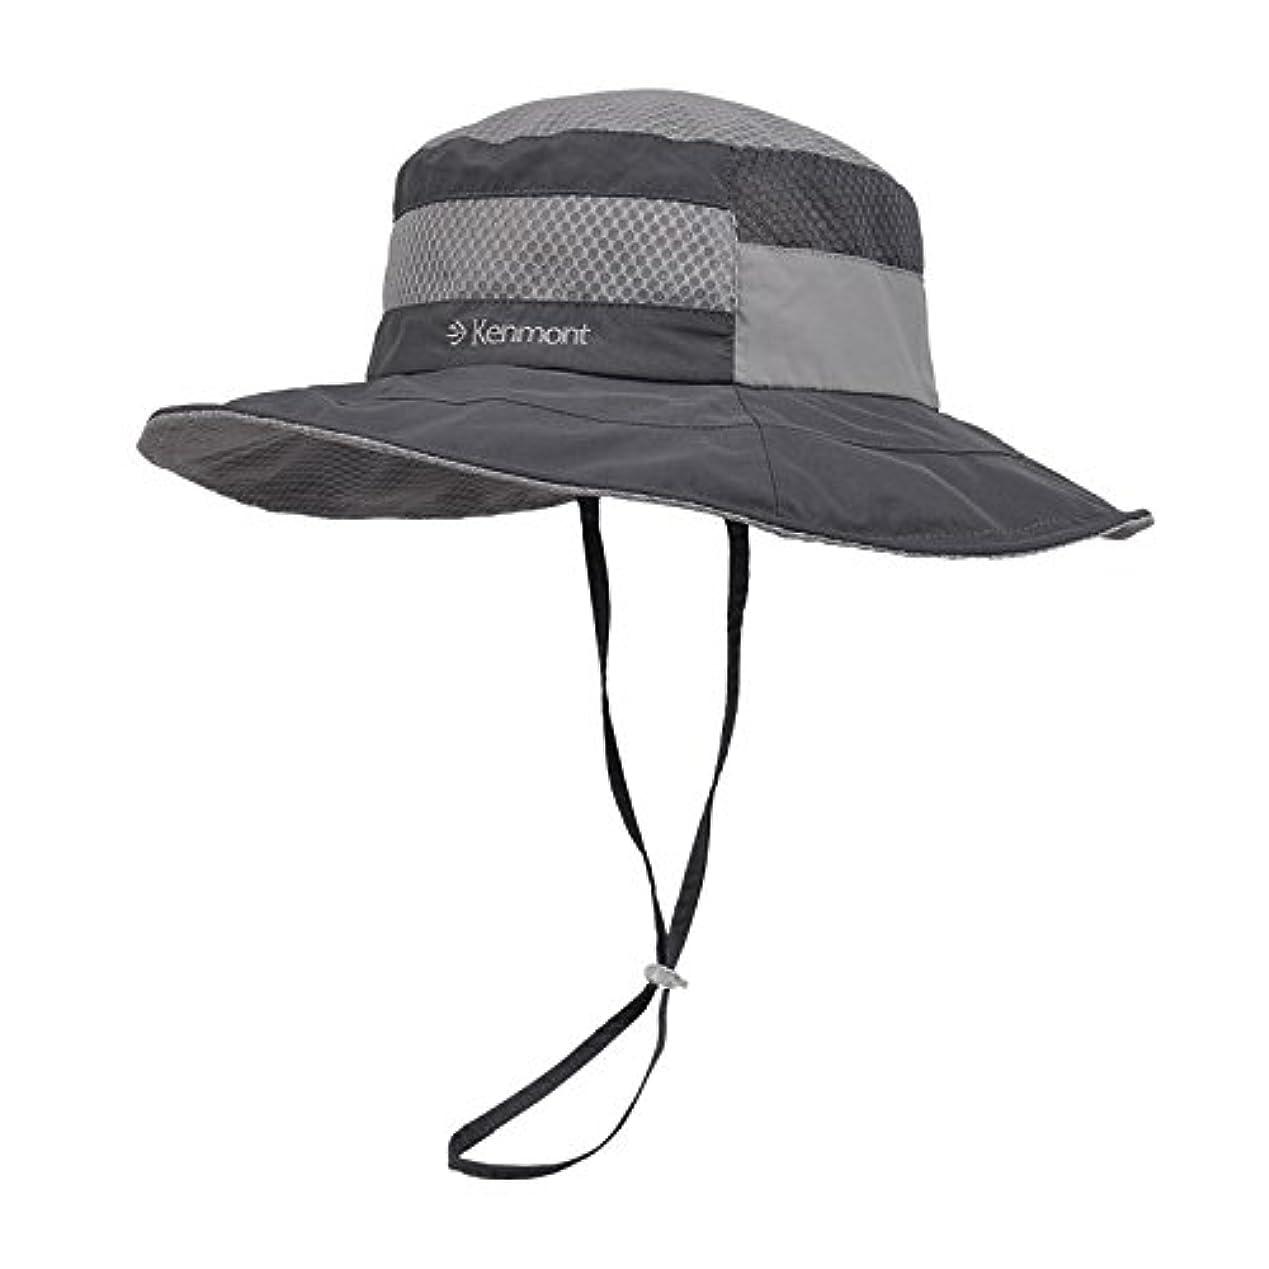 犯罪小石レジケンモントスポーツウェアアウトドアボートハイキング狩猟釣り帽子カモフラージュバケットメッシュBoonie HatキャップII Sun Hats